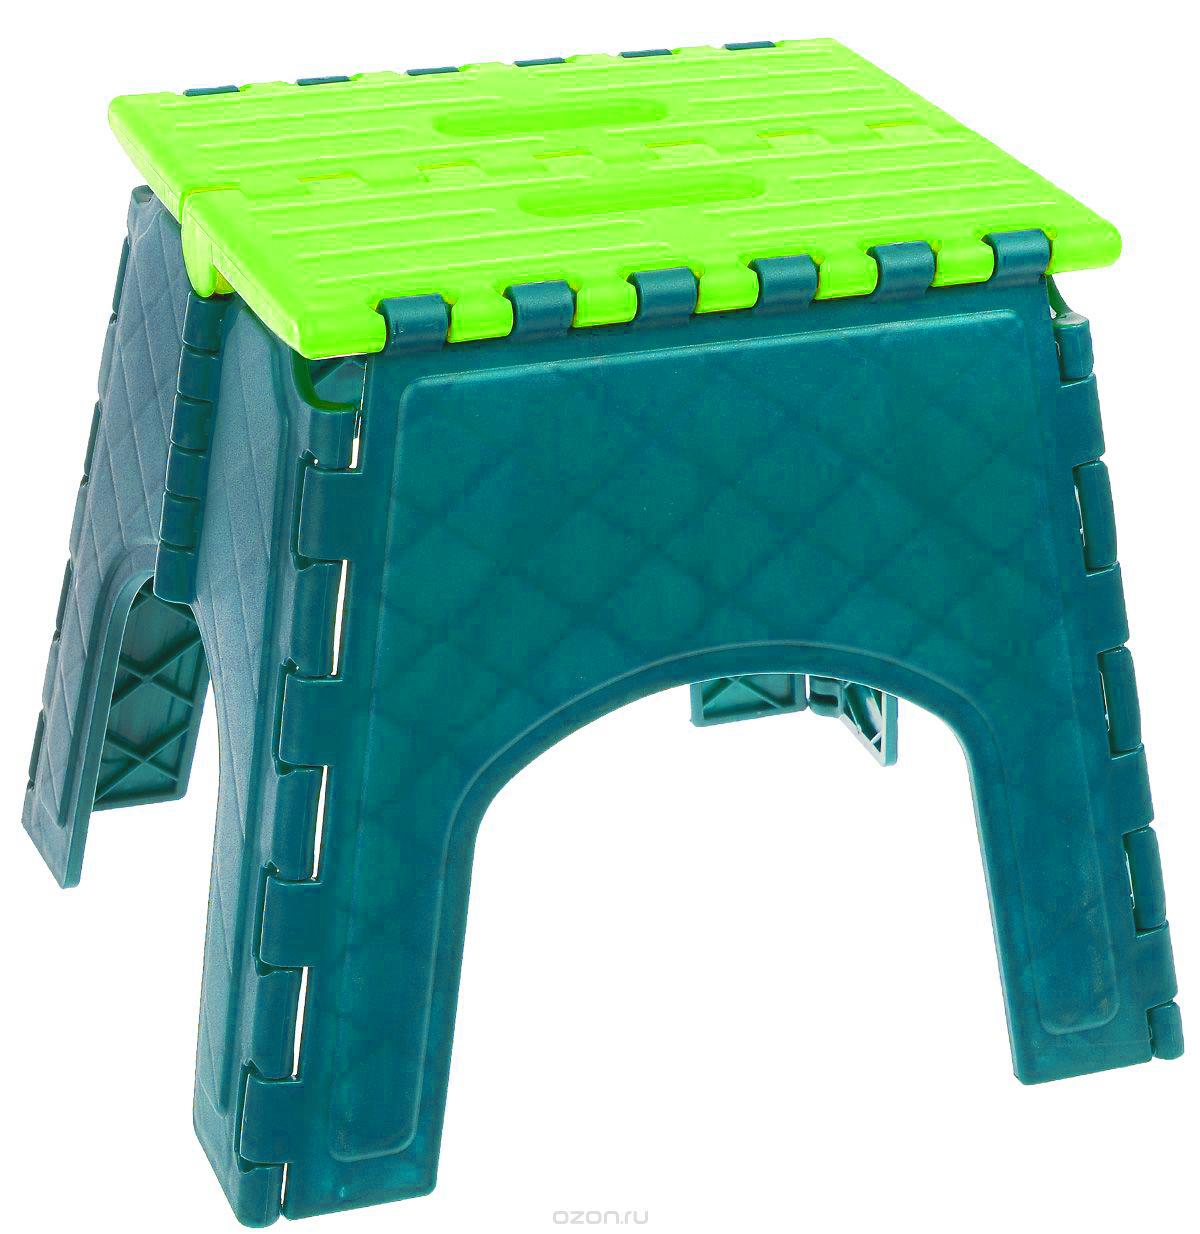 Табурет складной Idea Моби, цвет: бирюзовый, салатовый. М 2292 подставка для моющих средств idea цвет салатовый 10 5 х 12 5 х 18 5 см